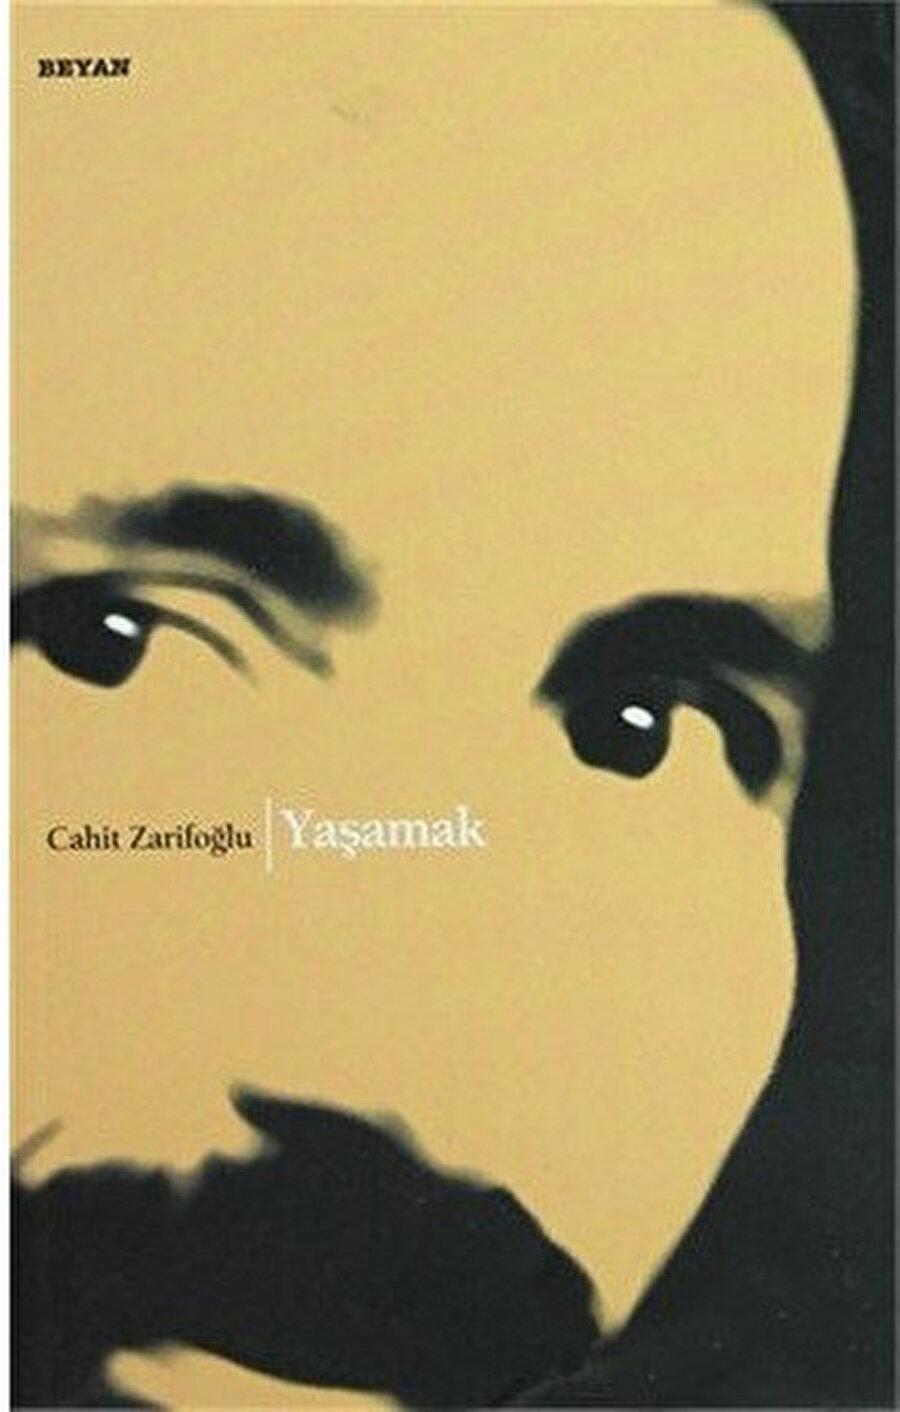 """Zarifoğlu şiirlerine sonradan hayatımda yine çok önemli bir yere sahip olacak """"yaşamak""""tan önce girdim."""